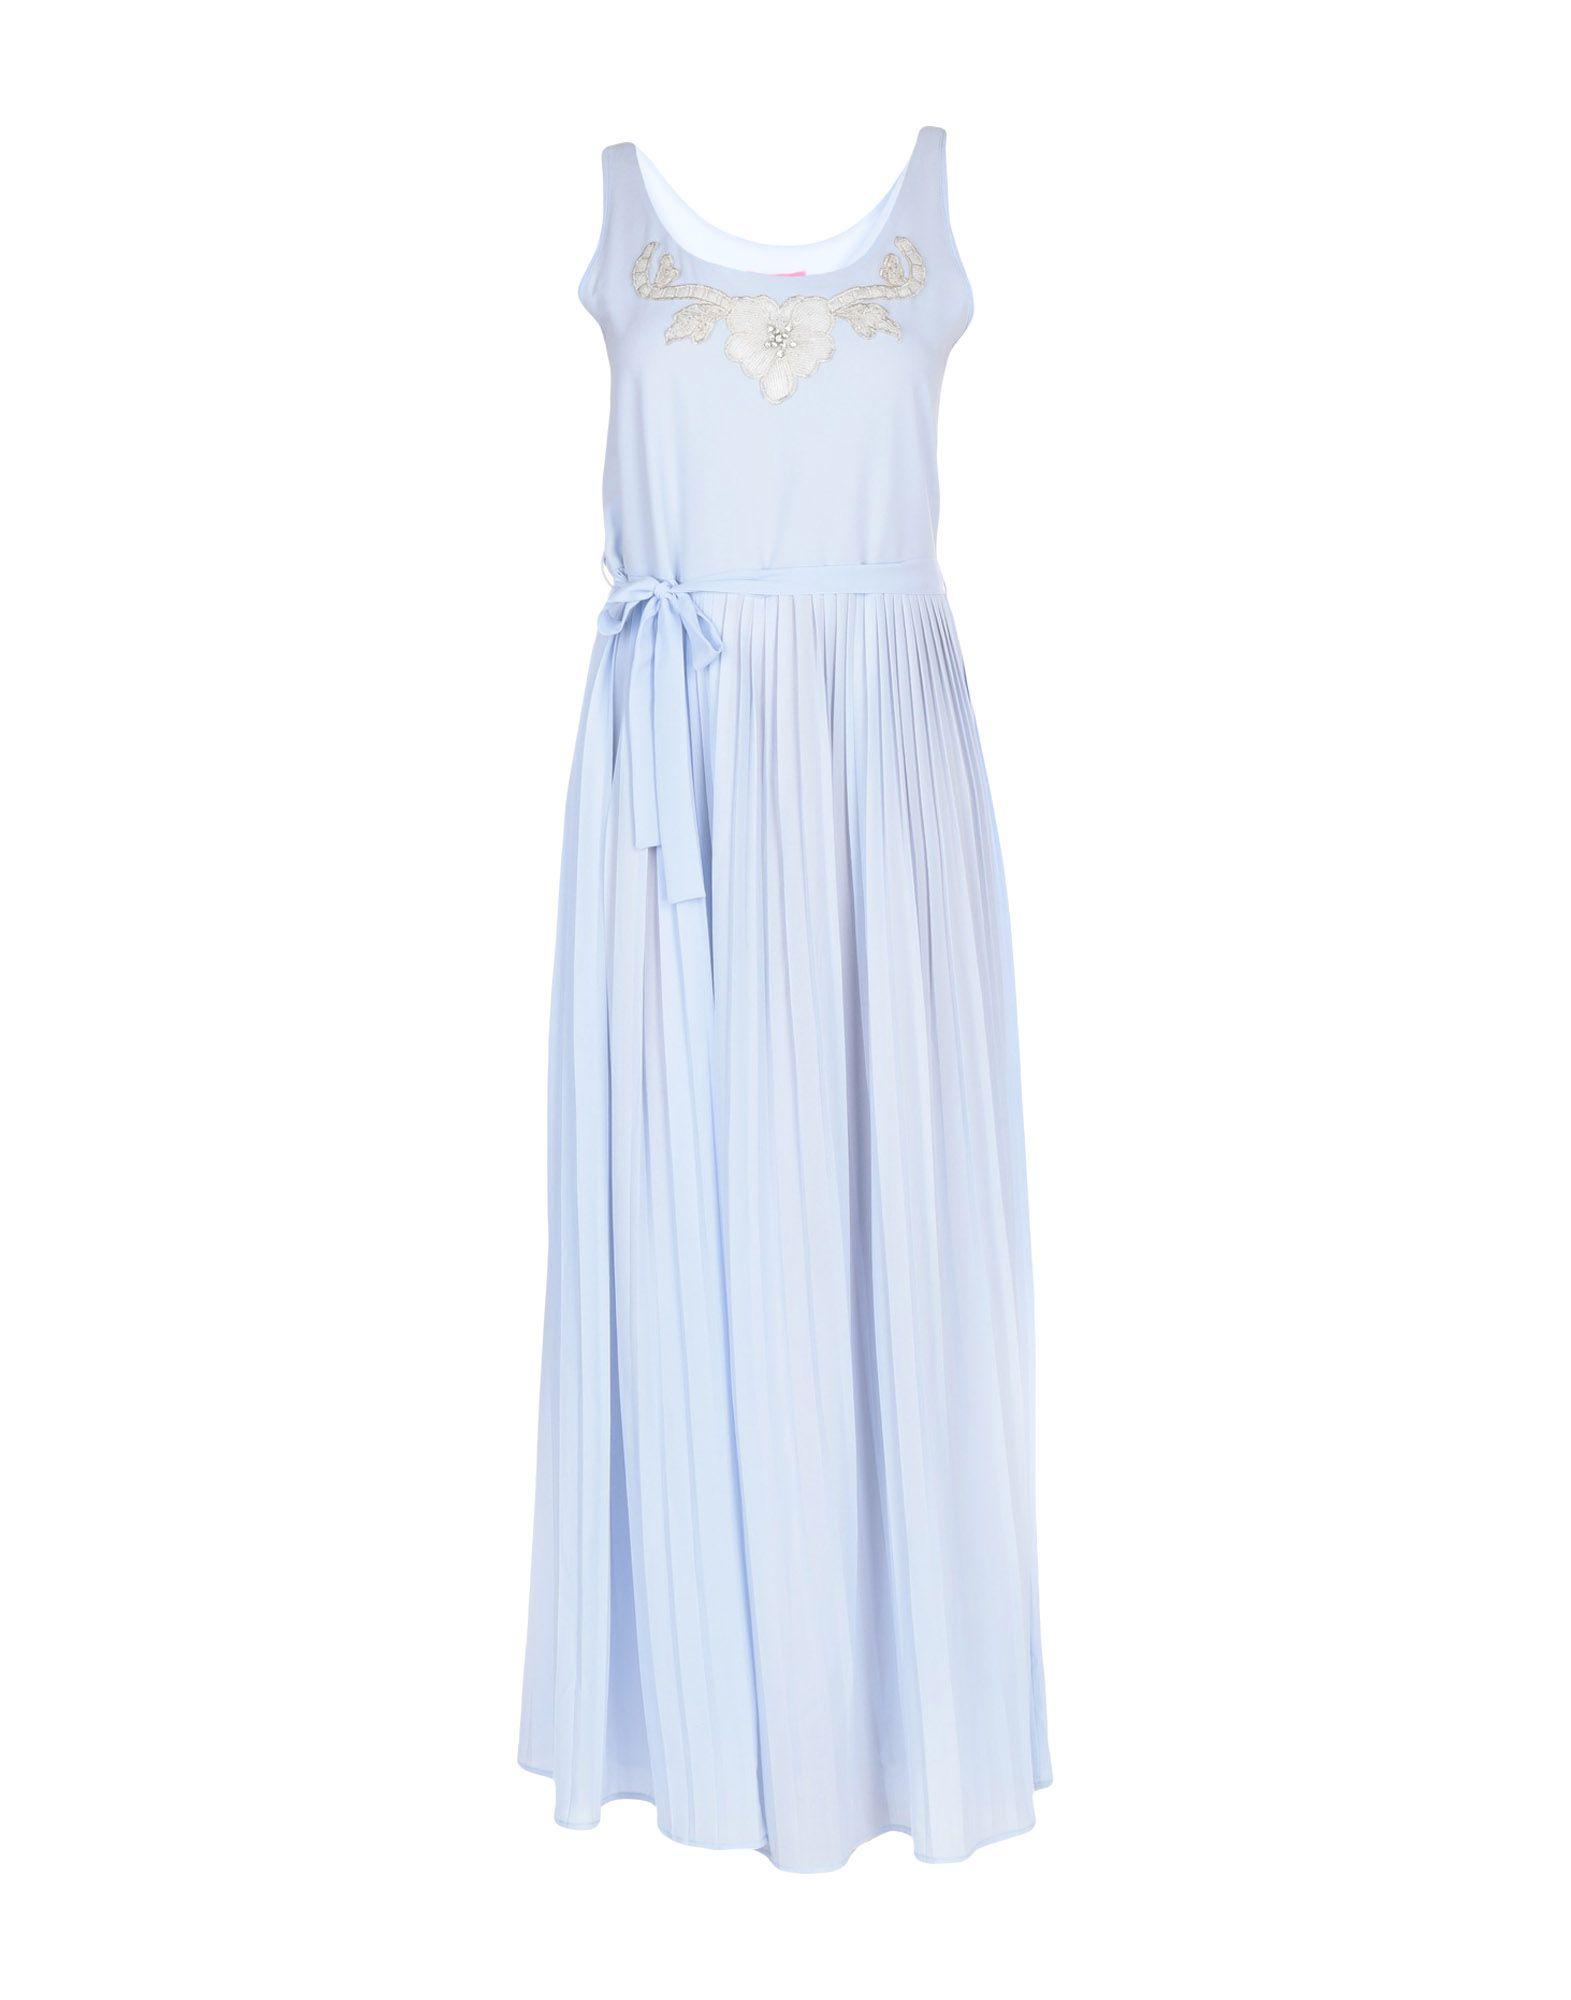 2WINSDH Длинное платье